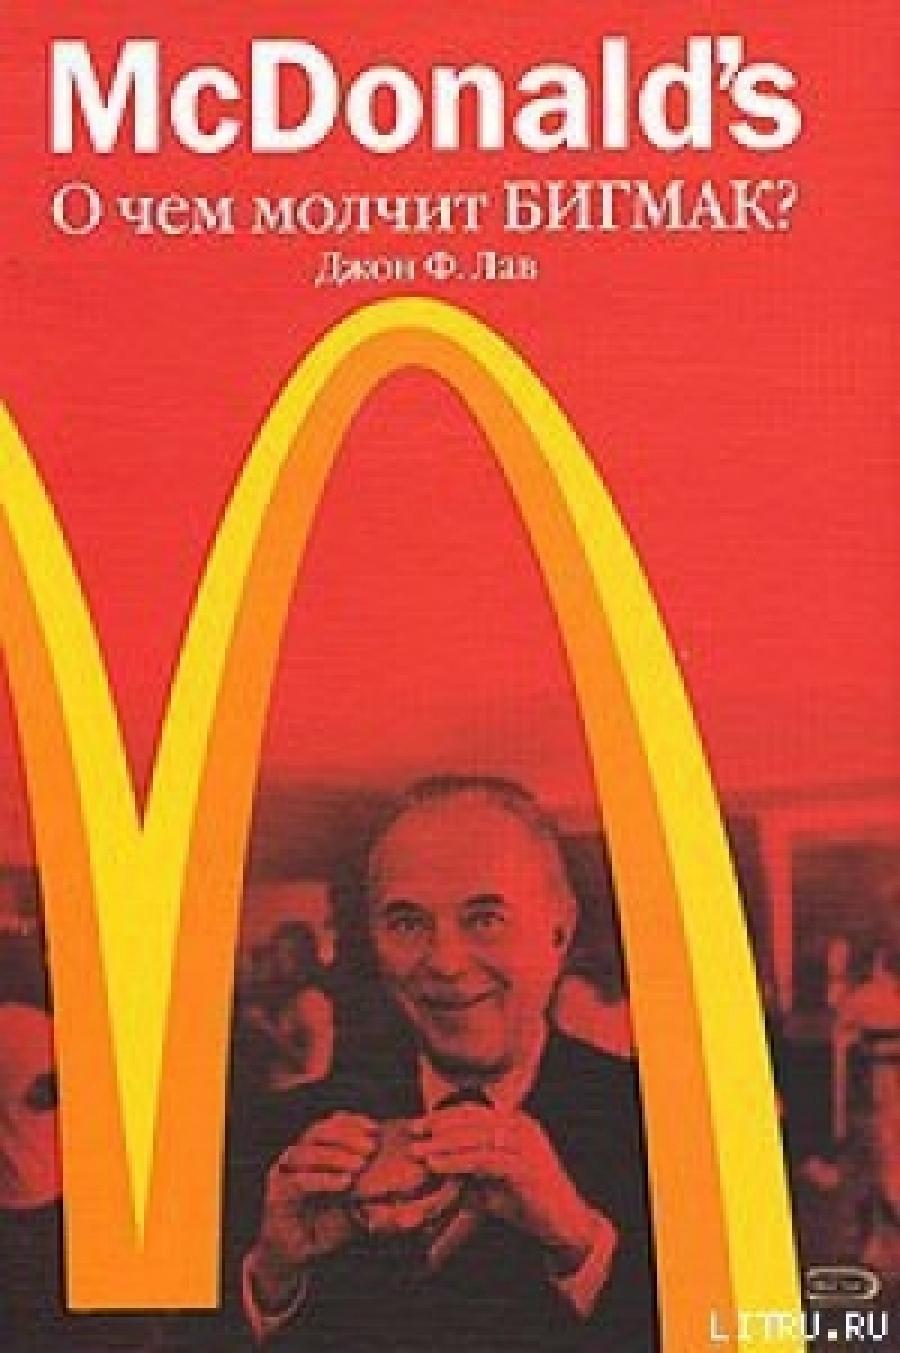 Обложка книги:  джон ф. лав - mcdonald's. о чем молчит бигмак